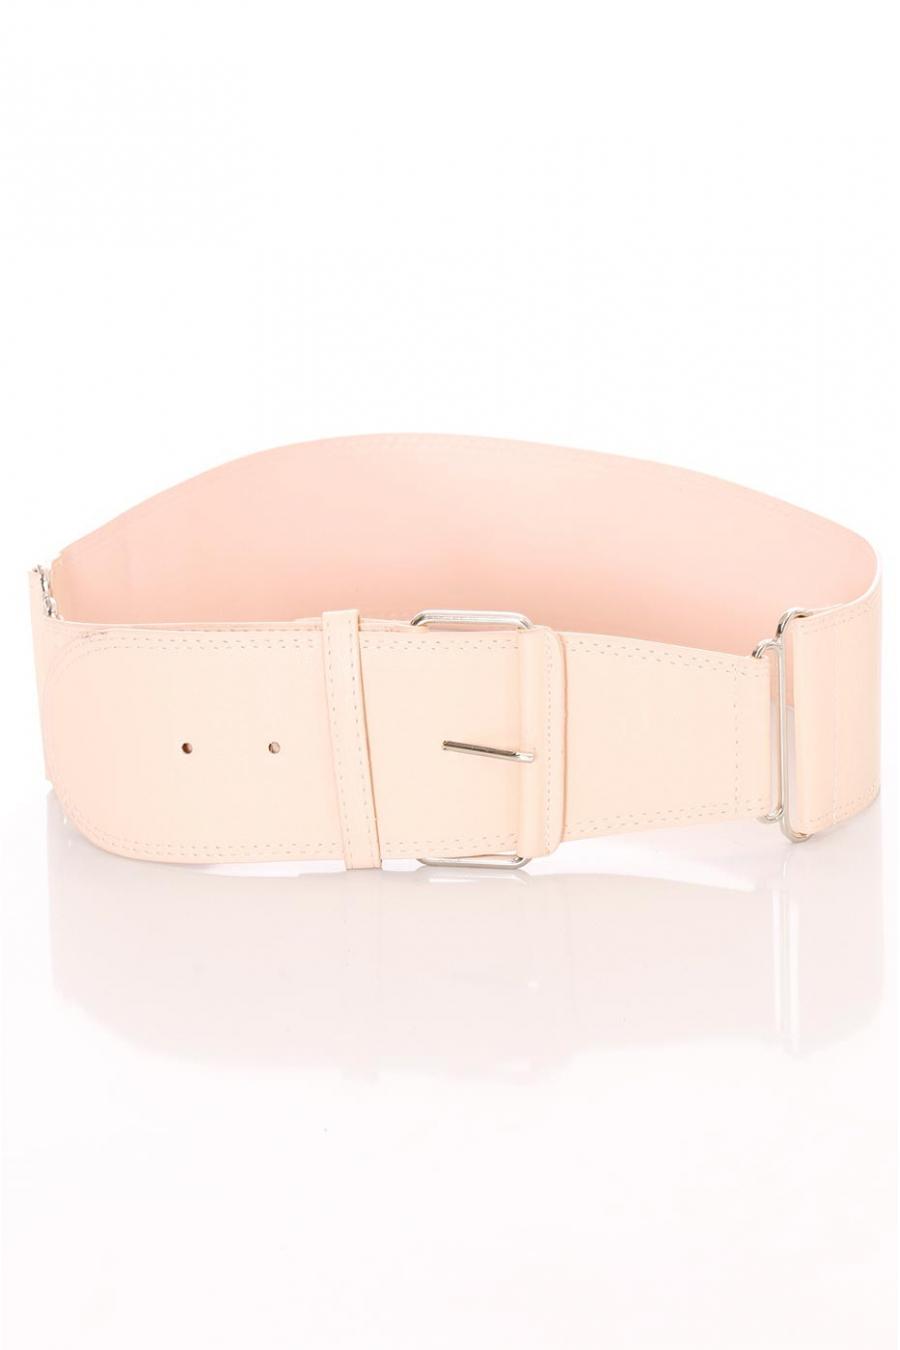 Brede roze riem, rechthoekige gesp en koordjes. SG-0418